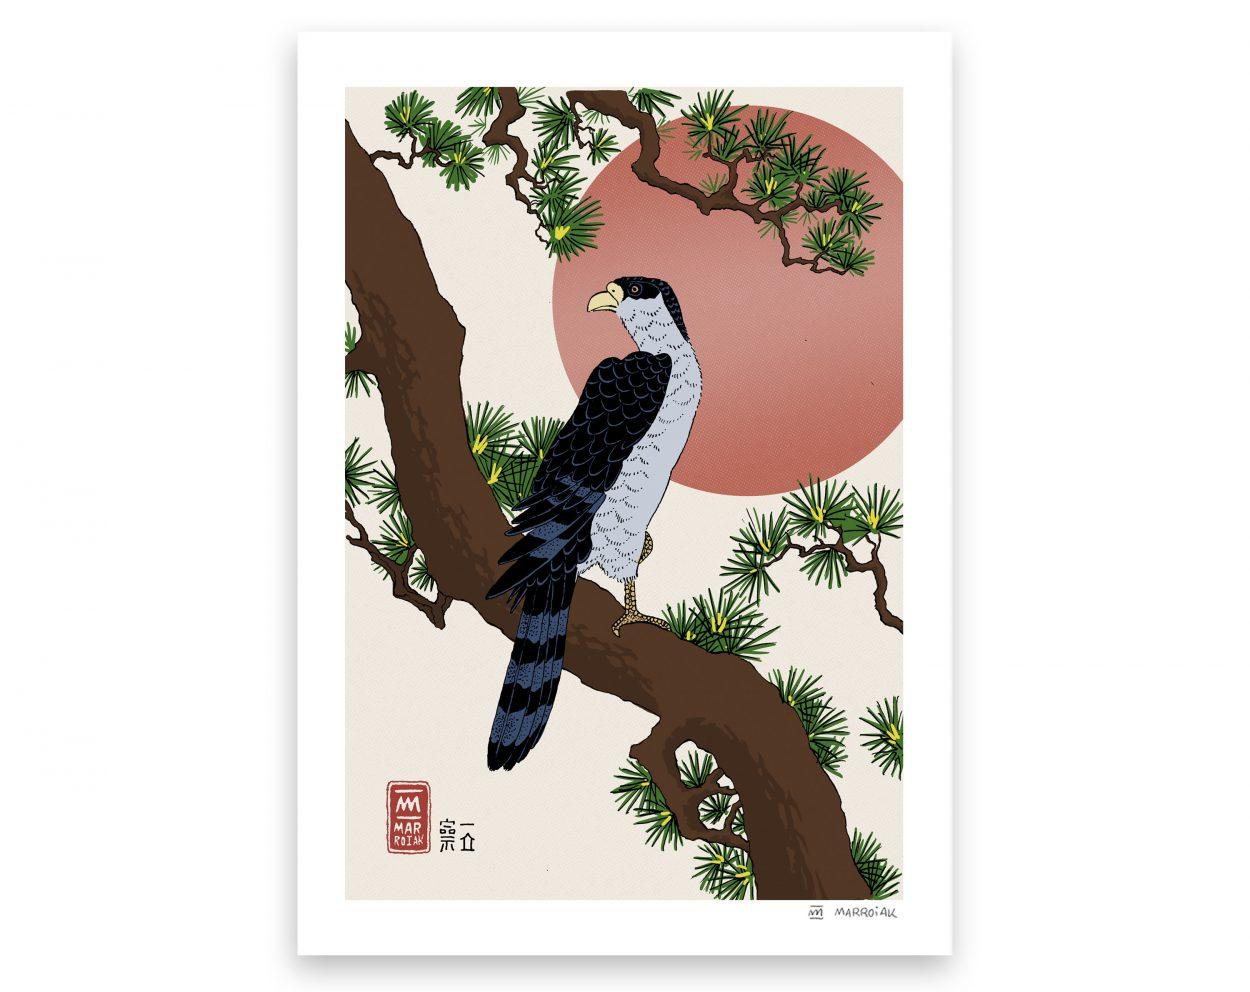 Halcón en una rama de pino - Versión de la estampa japonesa (ukiyo e) - Ilustración, dibujo. Japón. Hiroshige